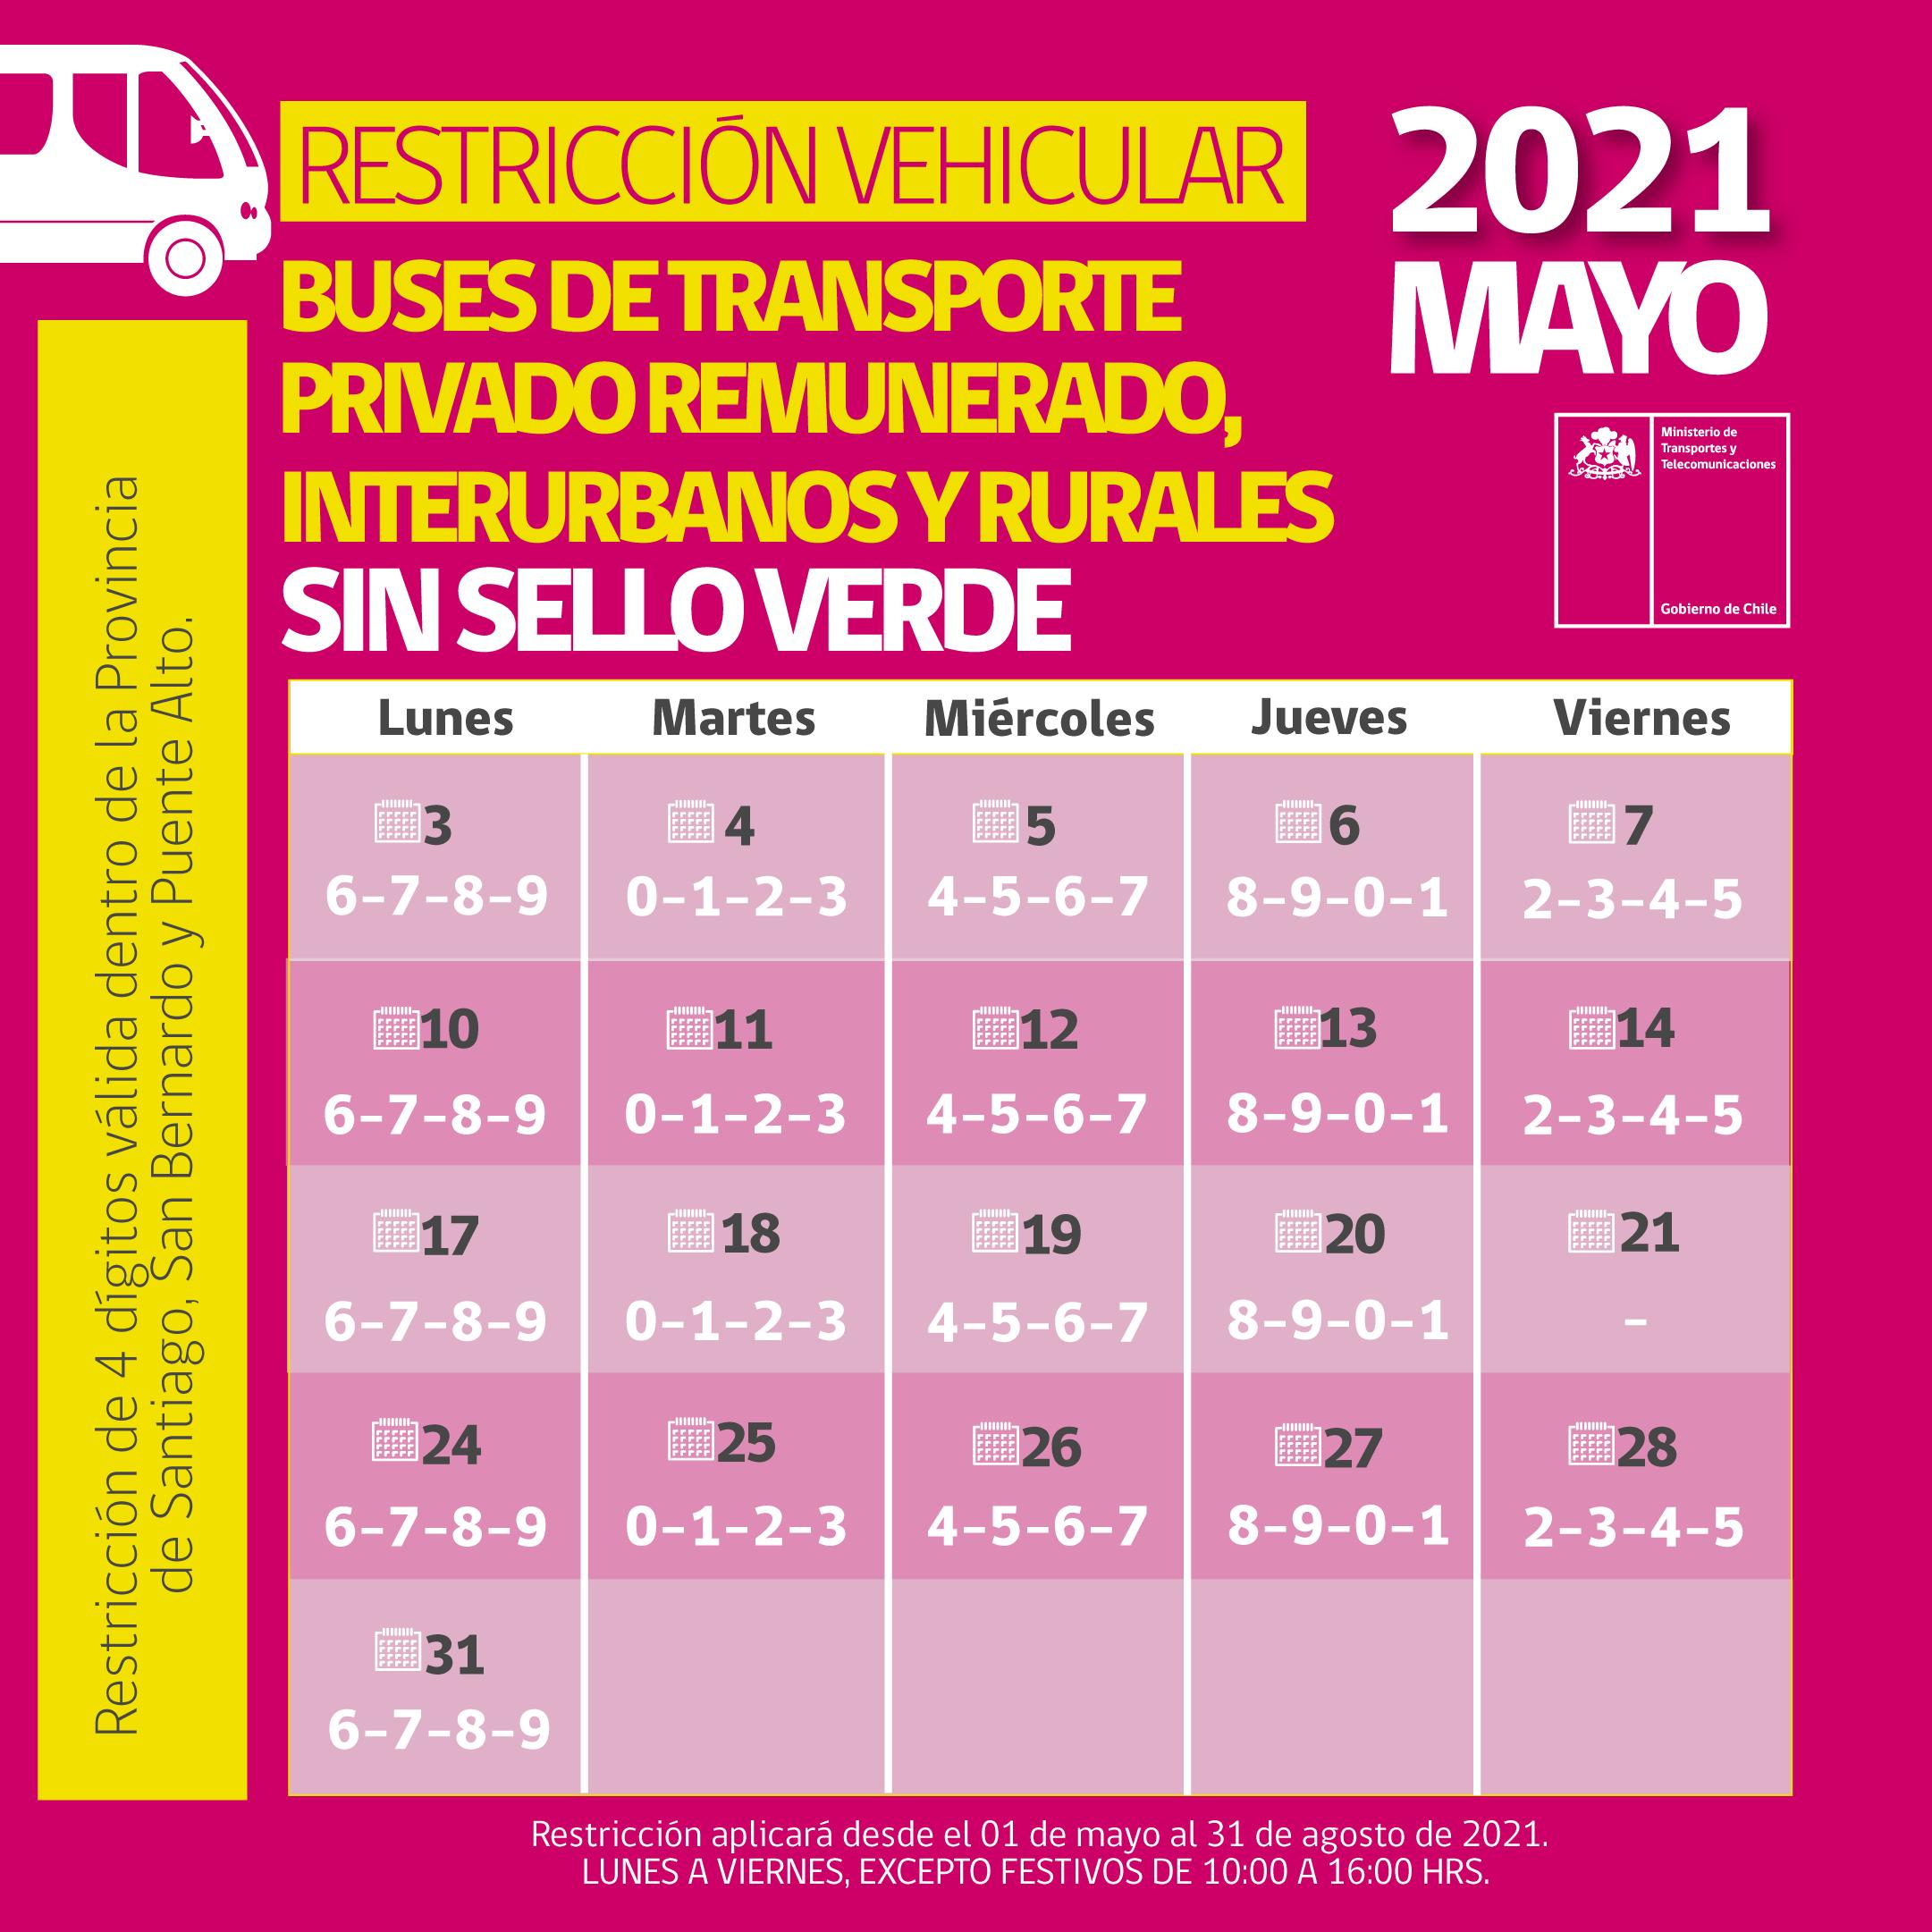 Desde el próximo lunes se reinicia la restricción vehicular en Santiago -  La Tercera